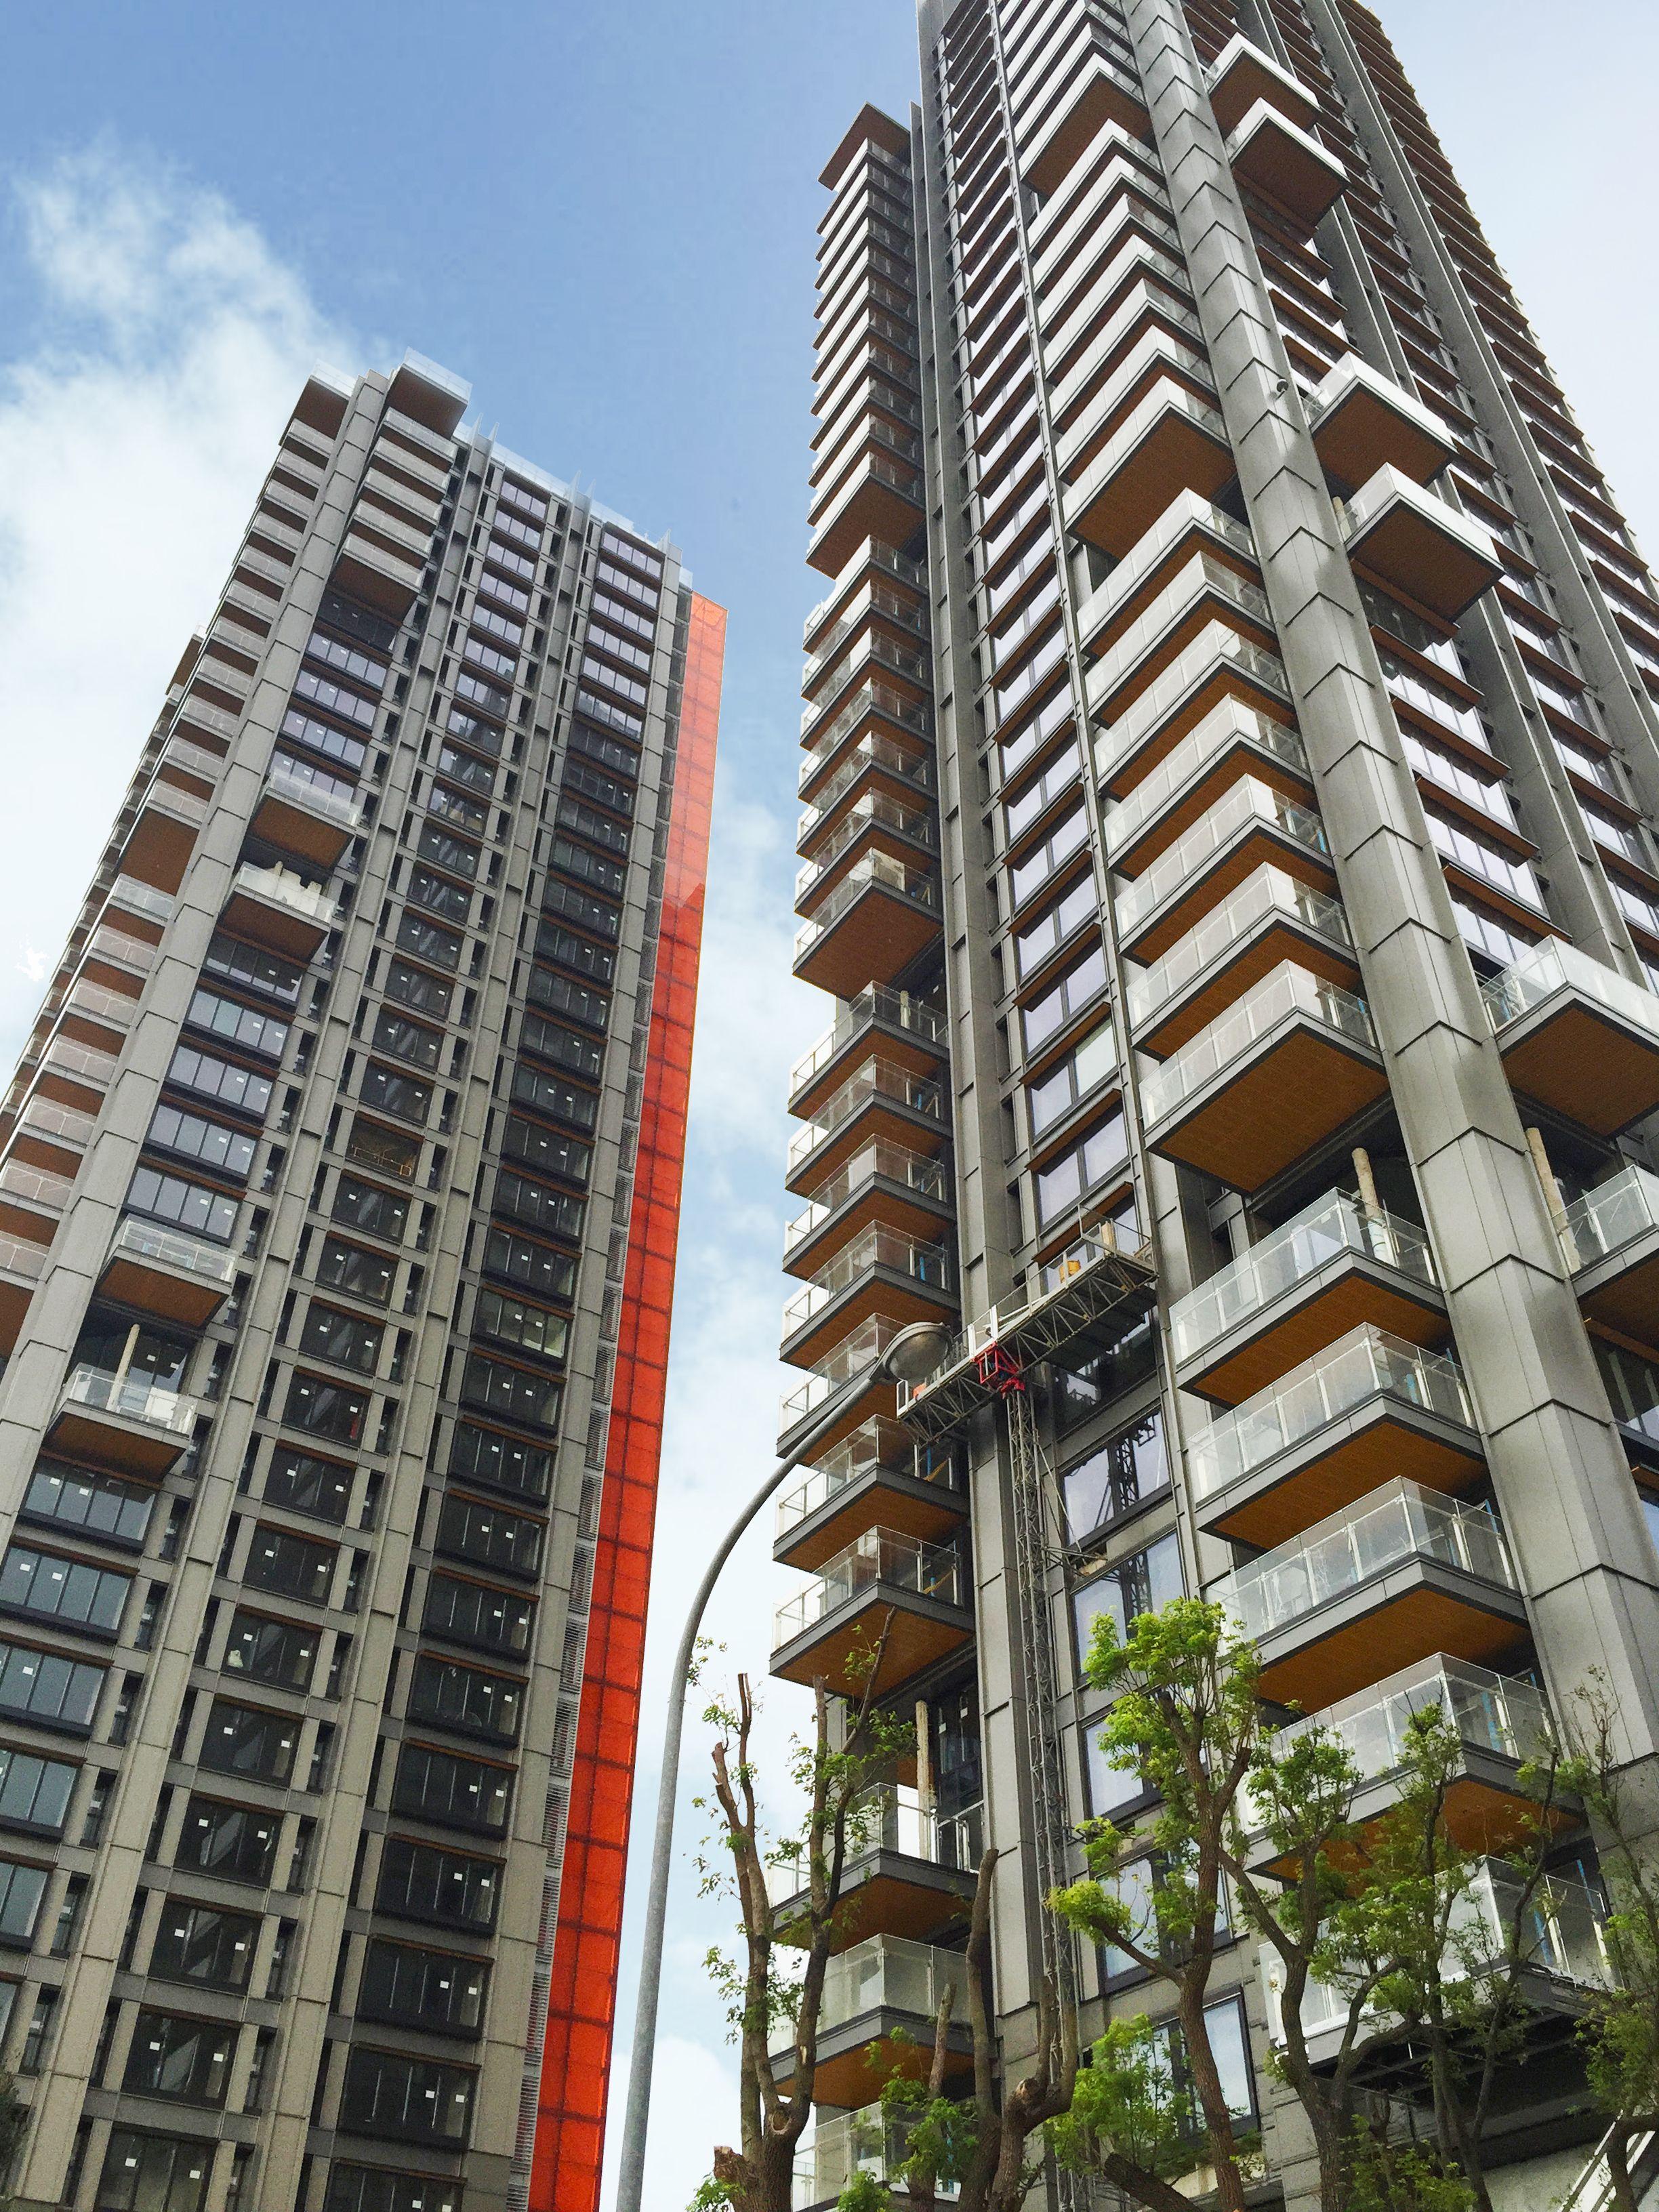 Condominium, Skyscrapers, Towers, Condos, Arquitetura, Facades, Tours, Skyscraper